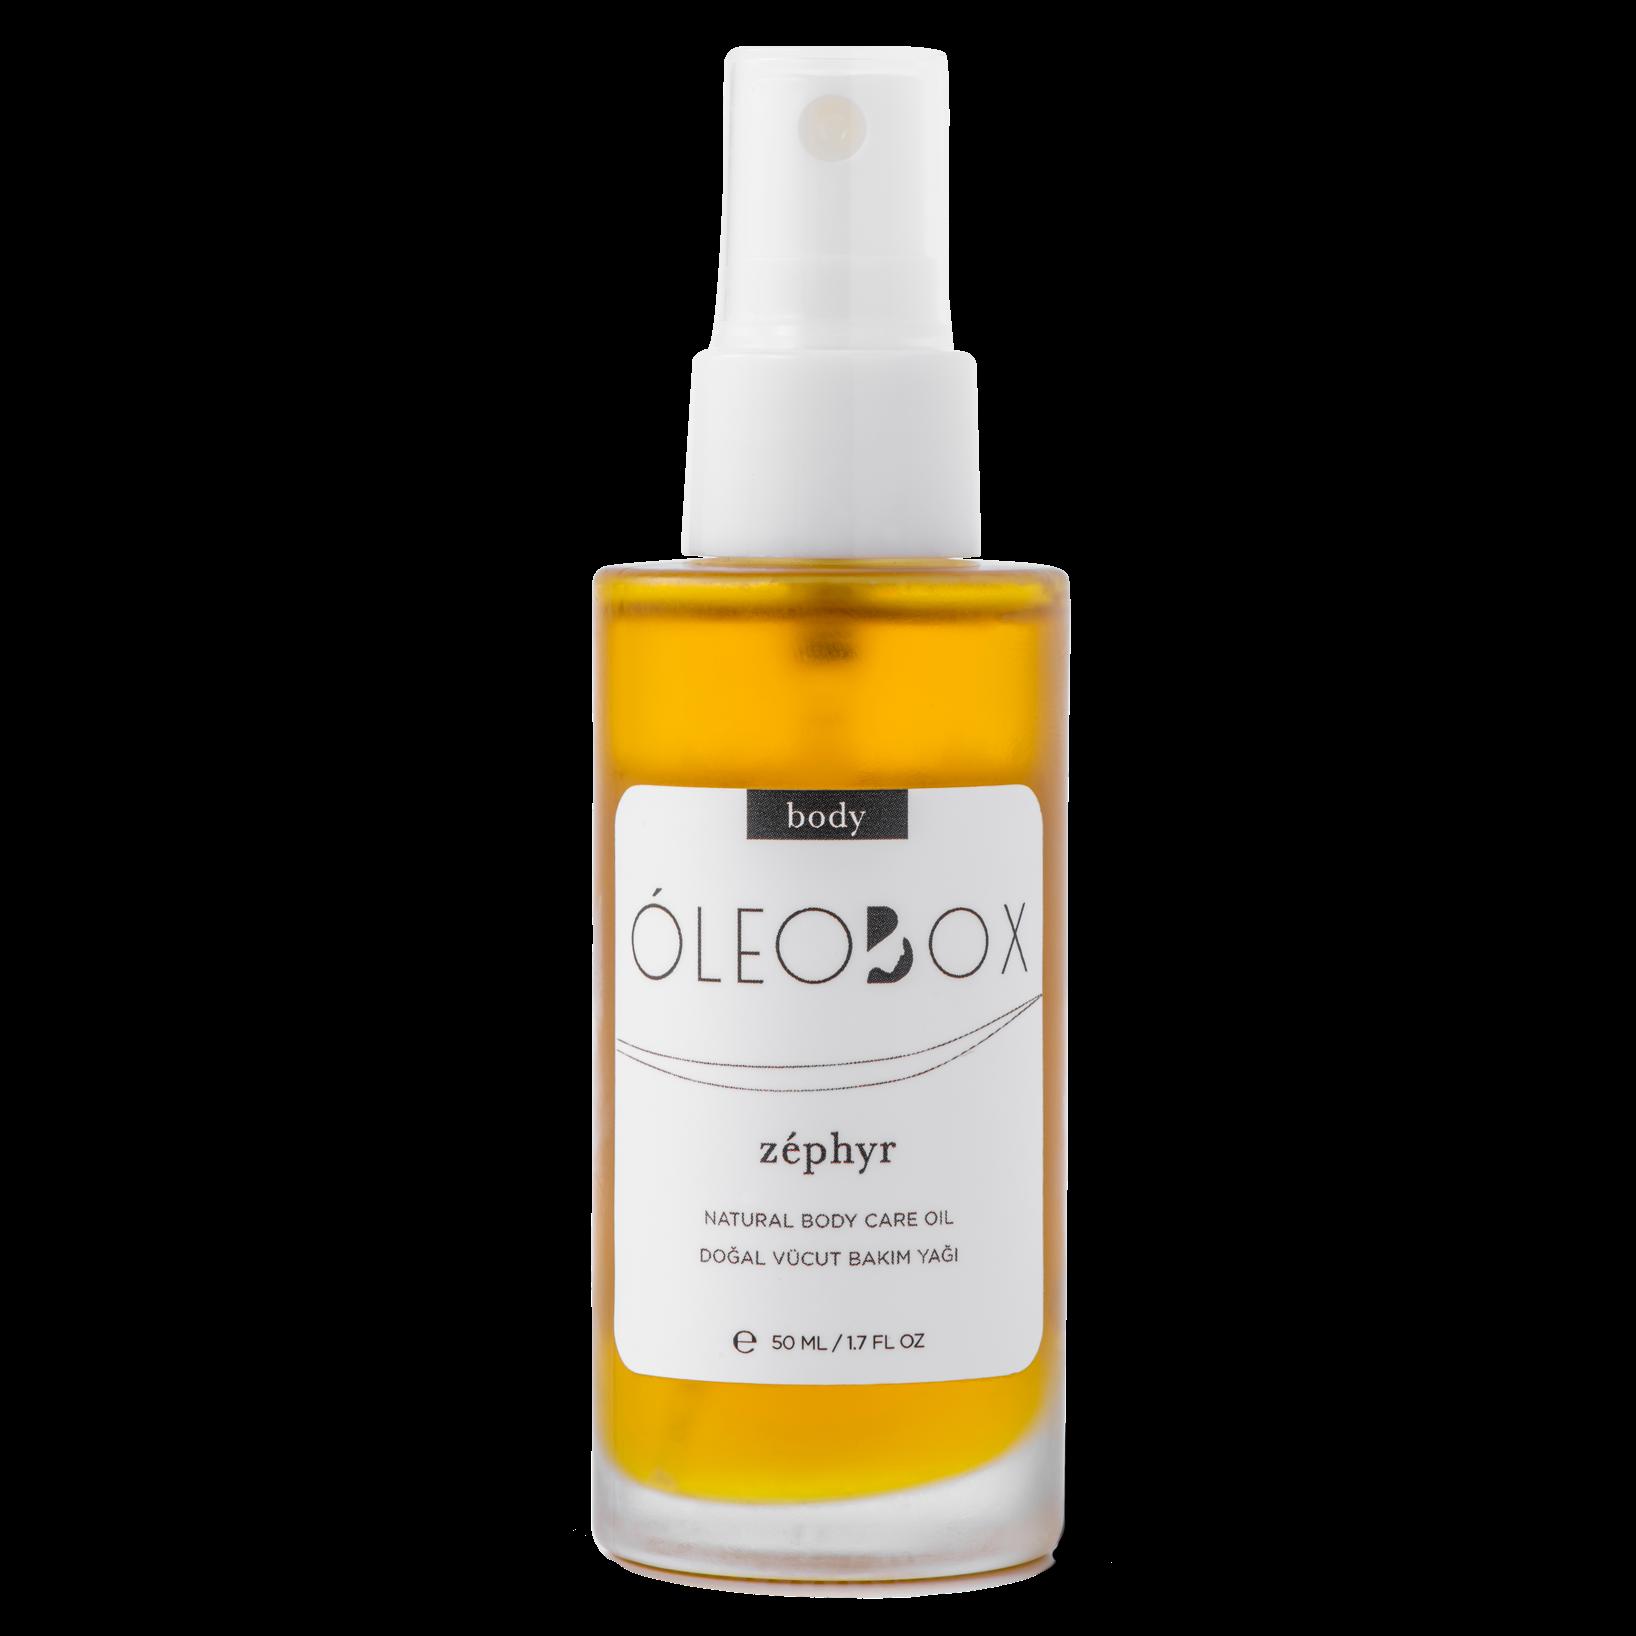 Zéphyr Body Oil